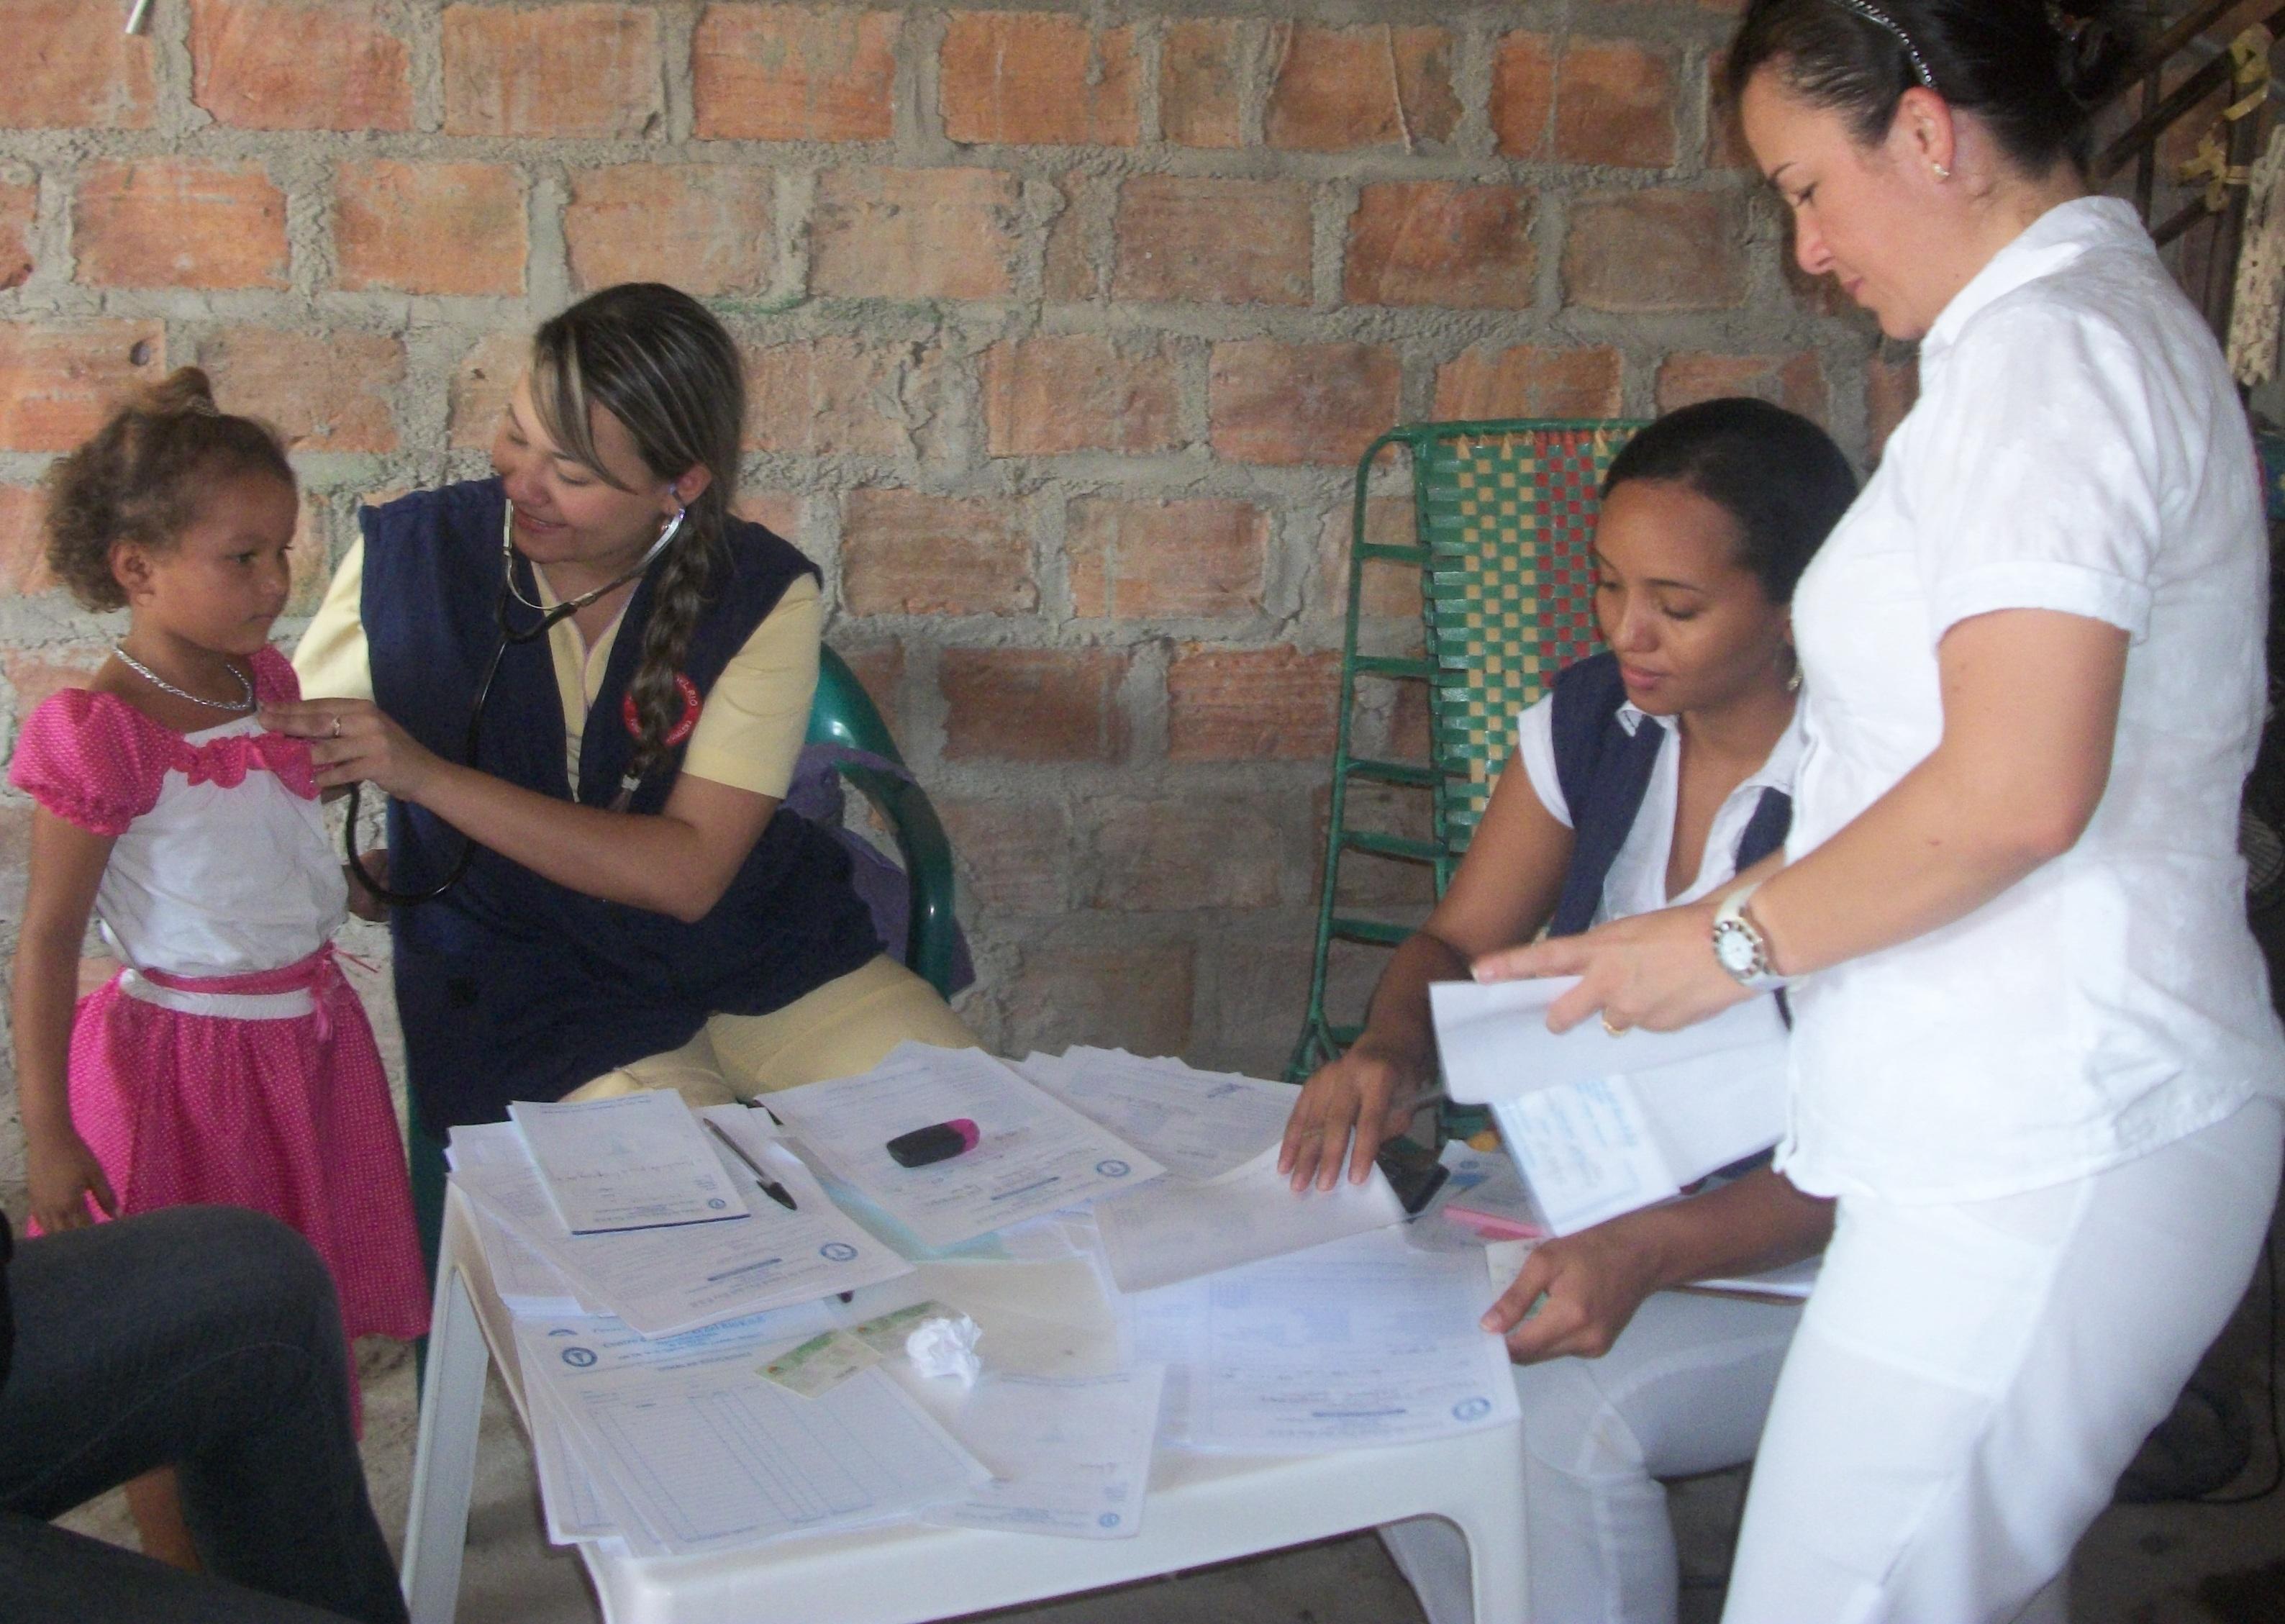 Centro-de-Salud-Paz-del-Río-realizó-una-serie-de-brigadas-de-salud-en-los-diferentes-barrios-corregimientos-y-veredas-del-Municipio-de-Fundación